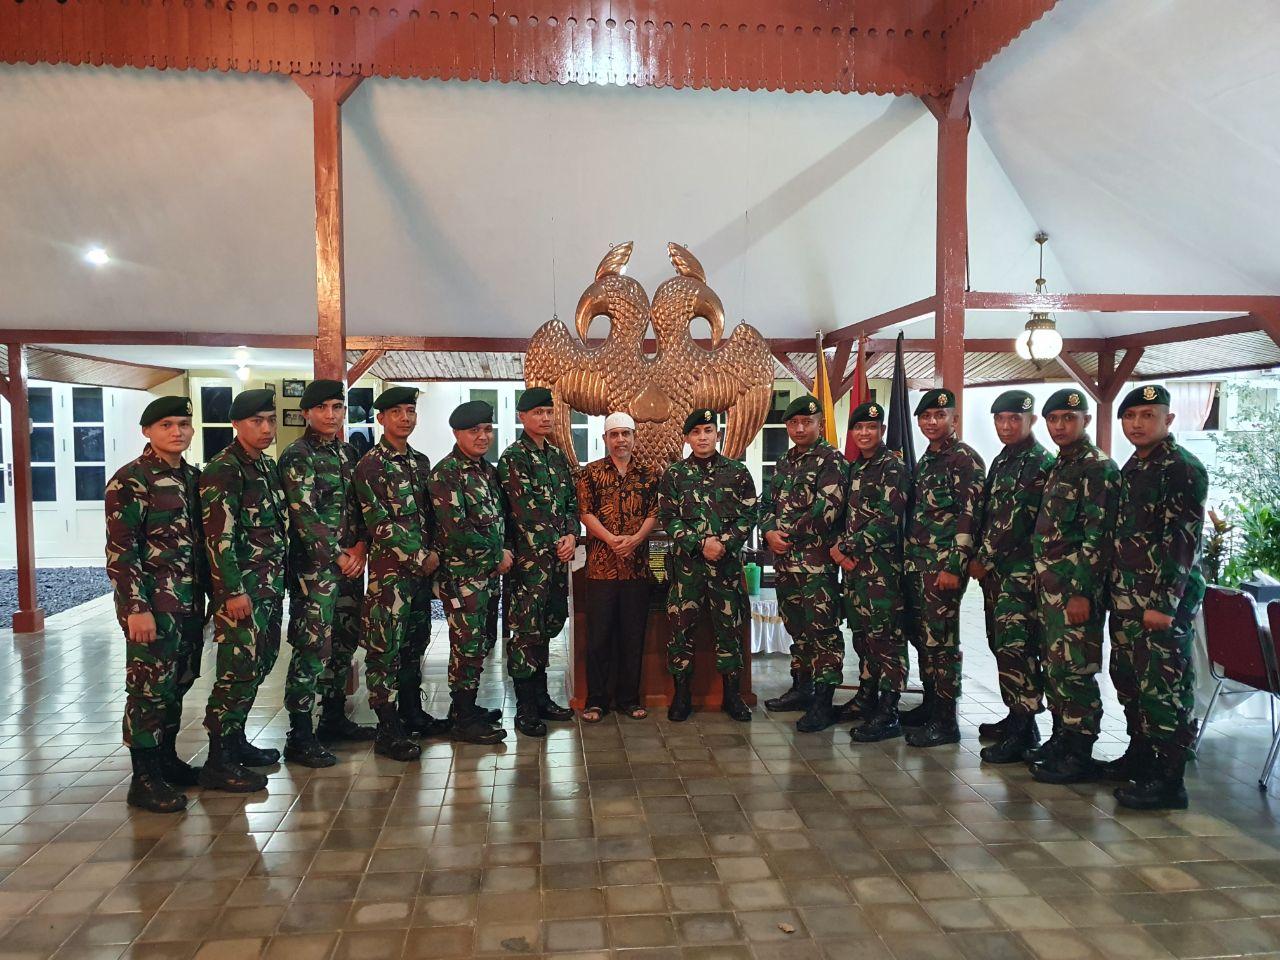 Satgas Yonarmed 9 Kostrad Silaturahmi ke Kesultanan Ternate sebelum kembali ke Purwakarta